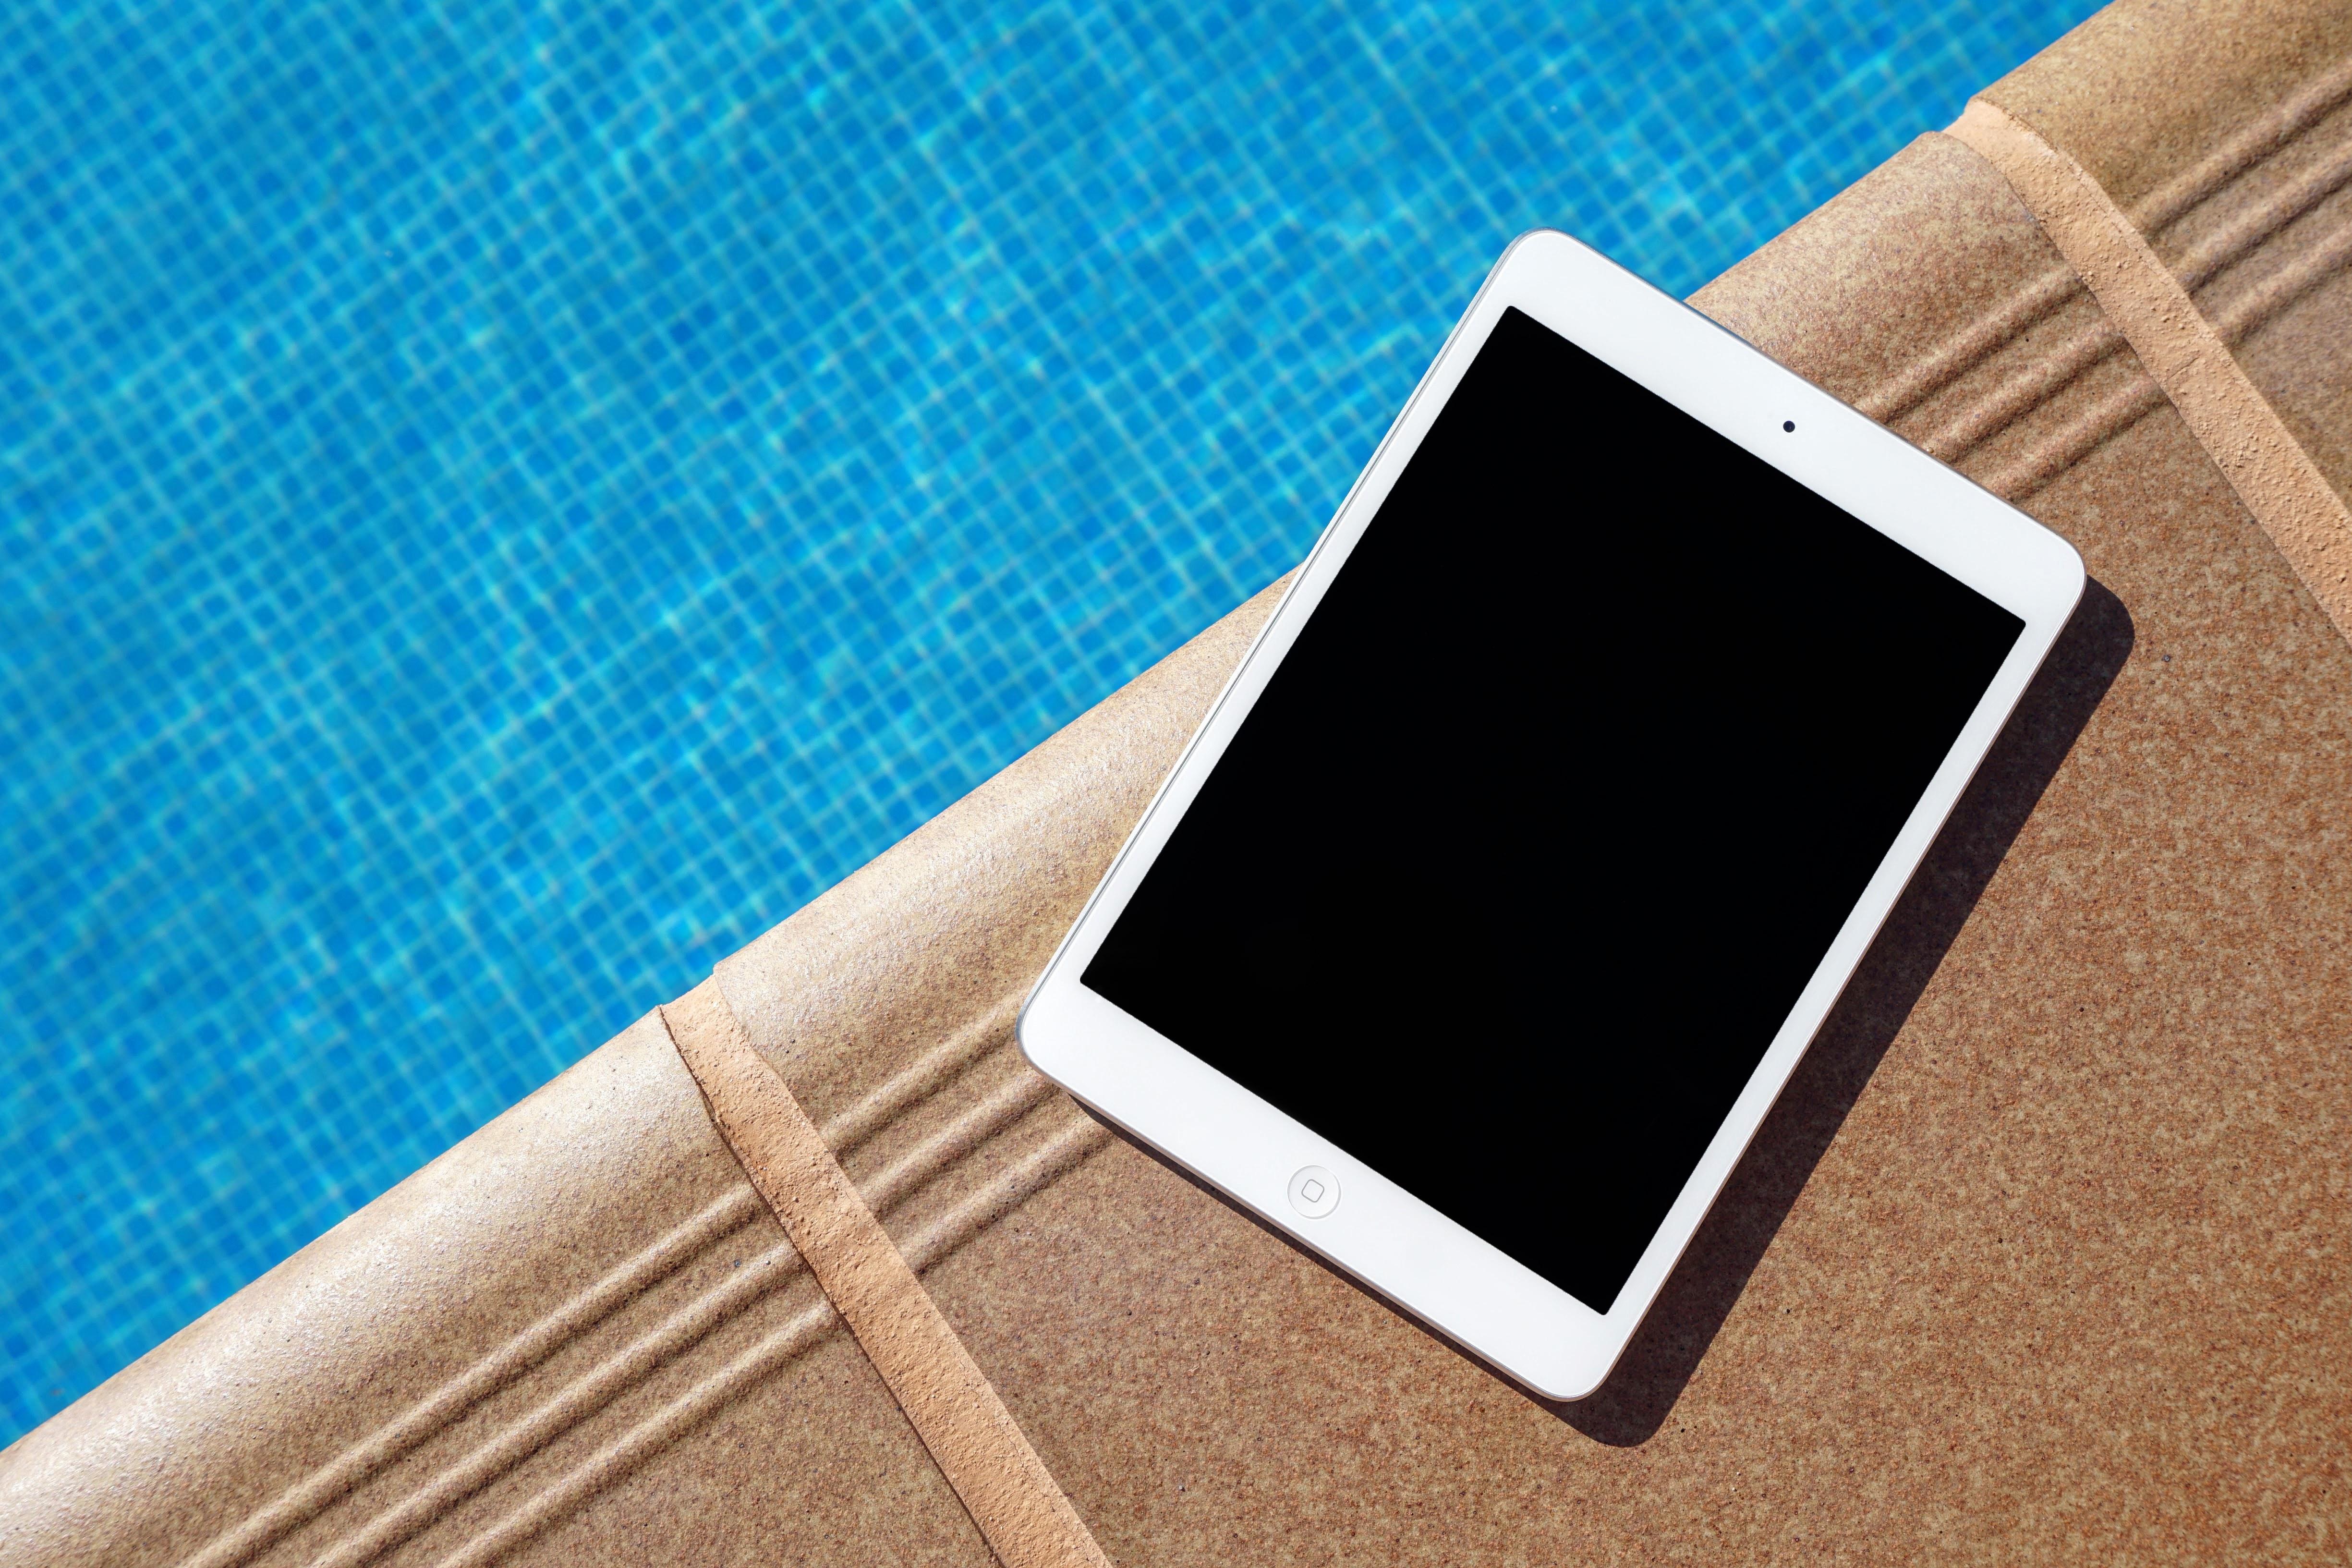 Gambar Penulisan Tangan Air Ipad Teknologi Tablet Kolam